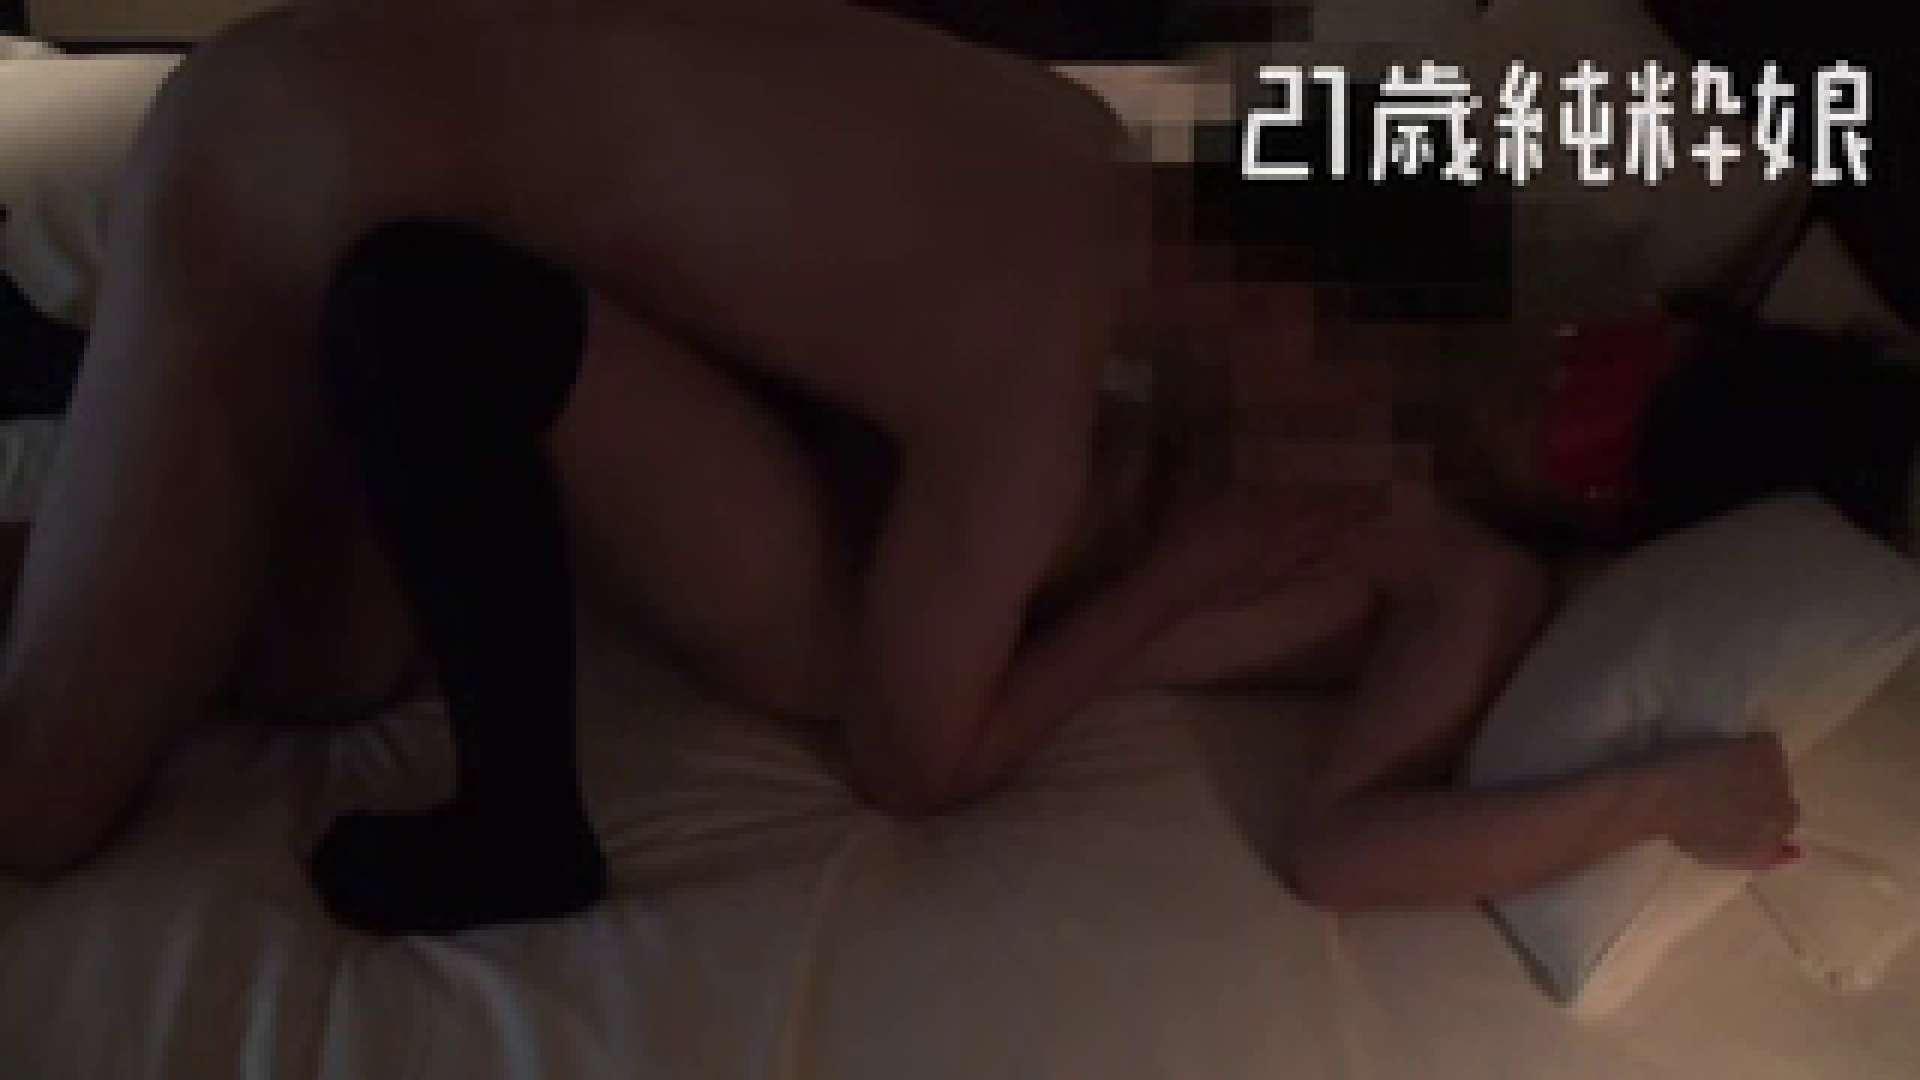 上京したばかりのGカップ21歳純粋嬢を都合の良い女にしてみた4 友人 | ホテル  60連発 38